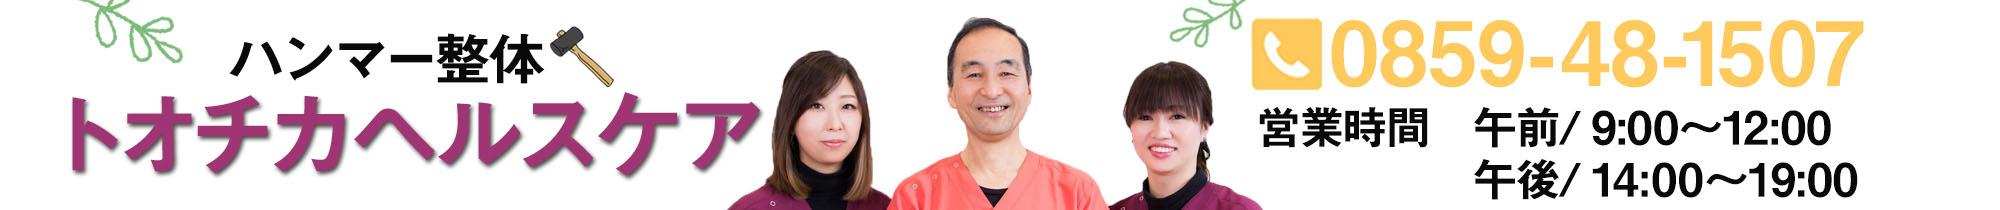 鳥取県米子市の整体・小顔矯正・ダイエットならハンマー療法のトオチカヘルスケア